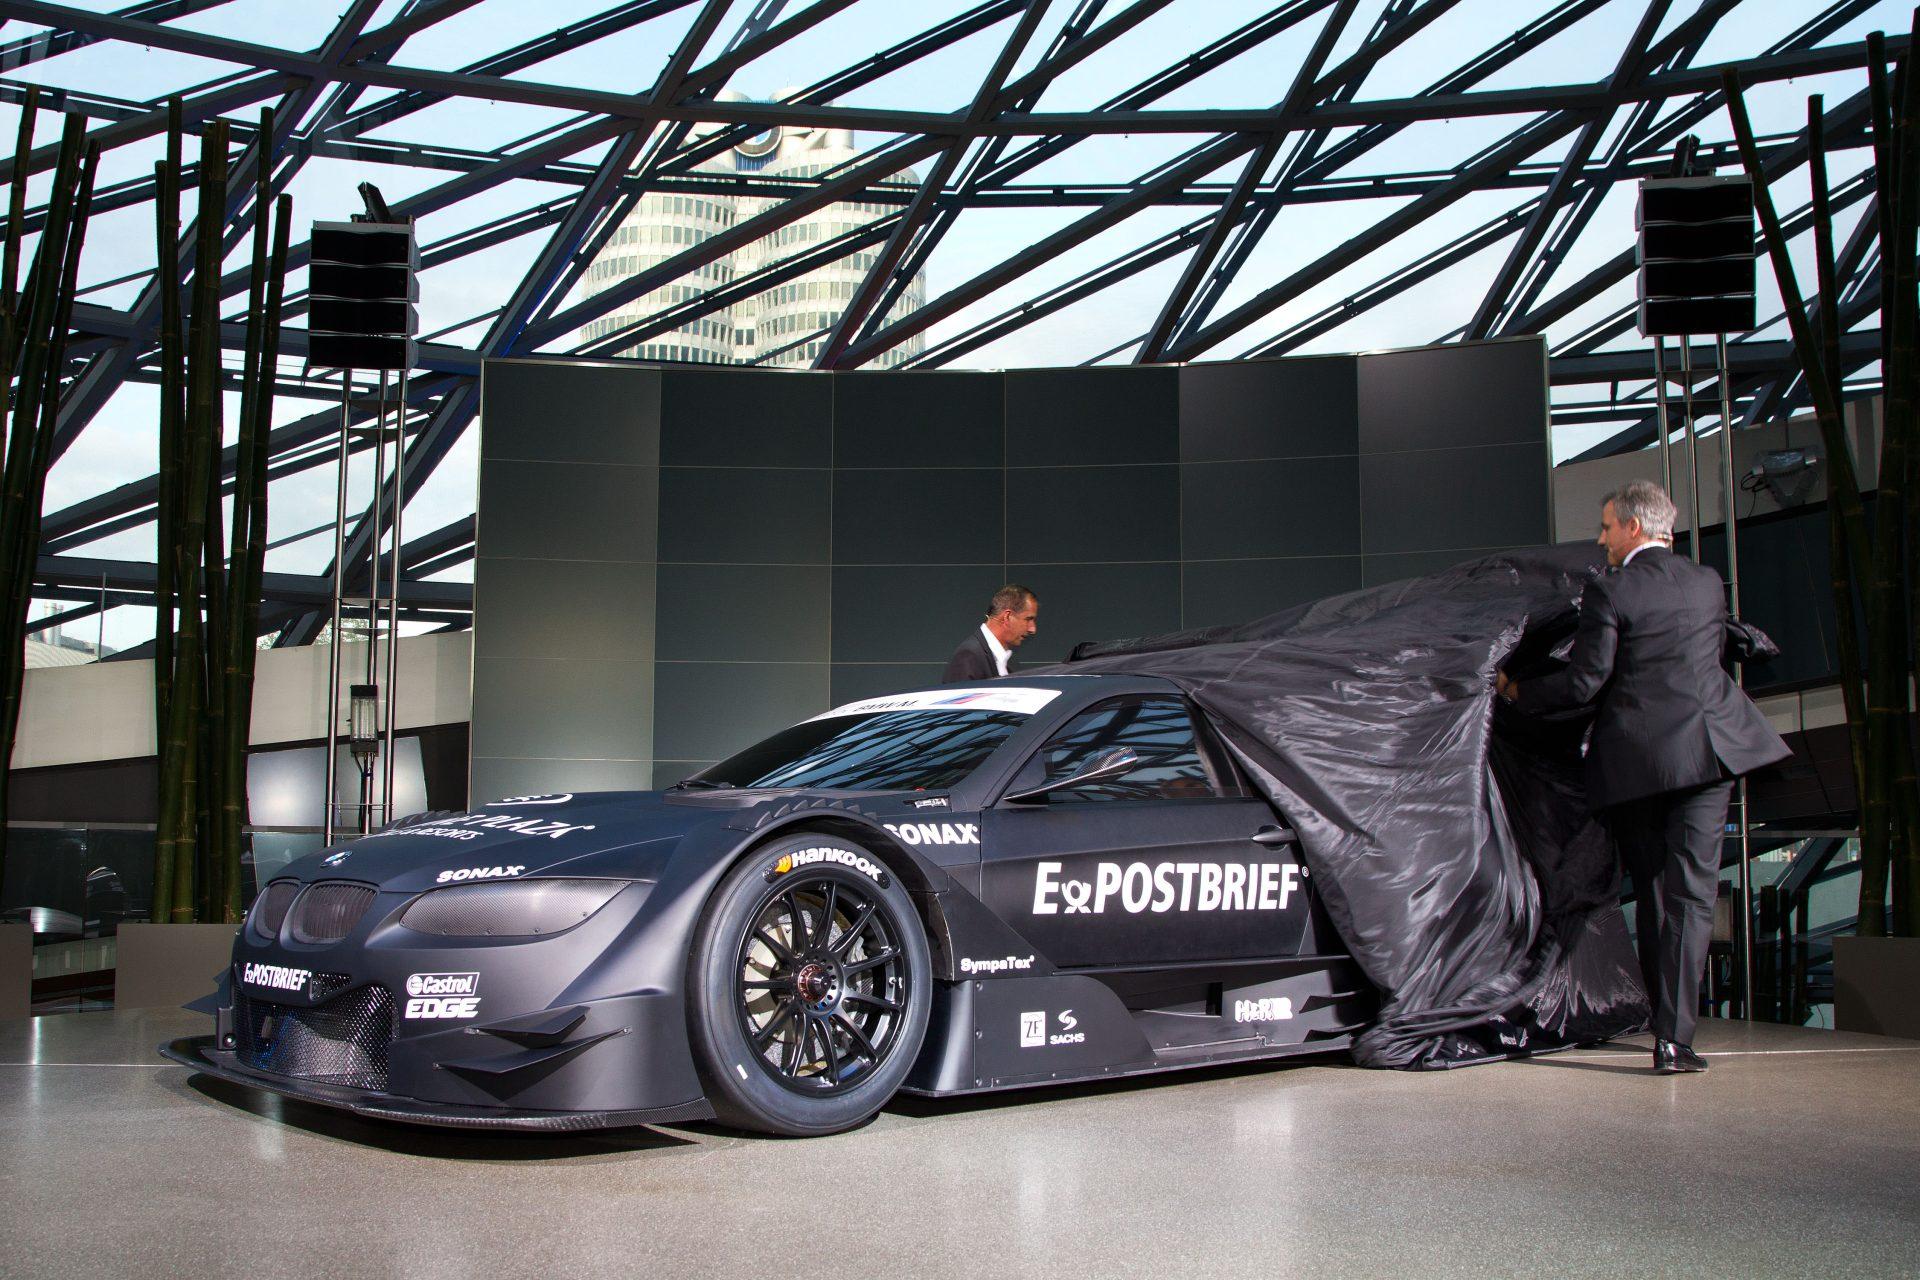 Erster Test für Martin Tomczyk im BMW M3 DTM